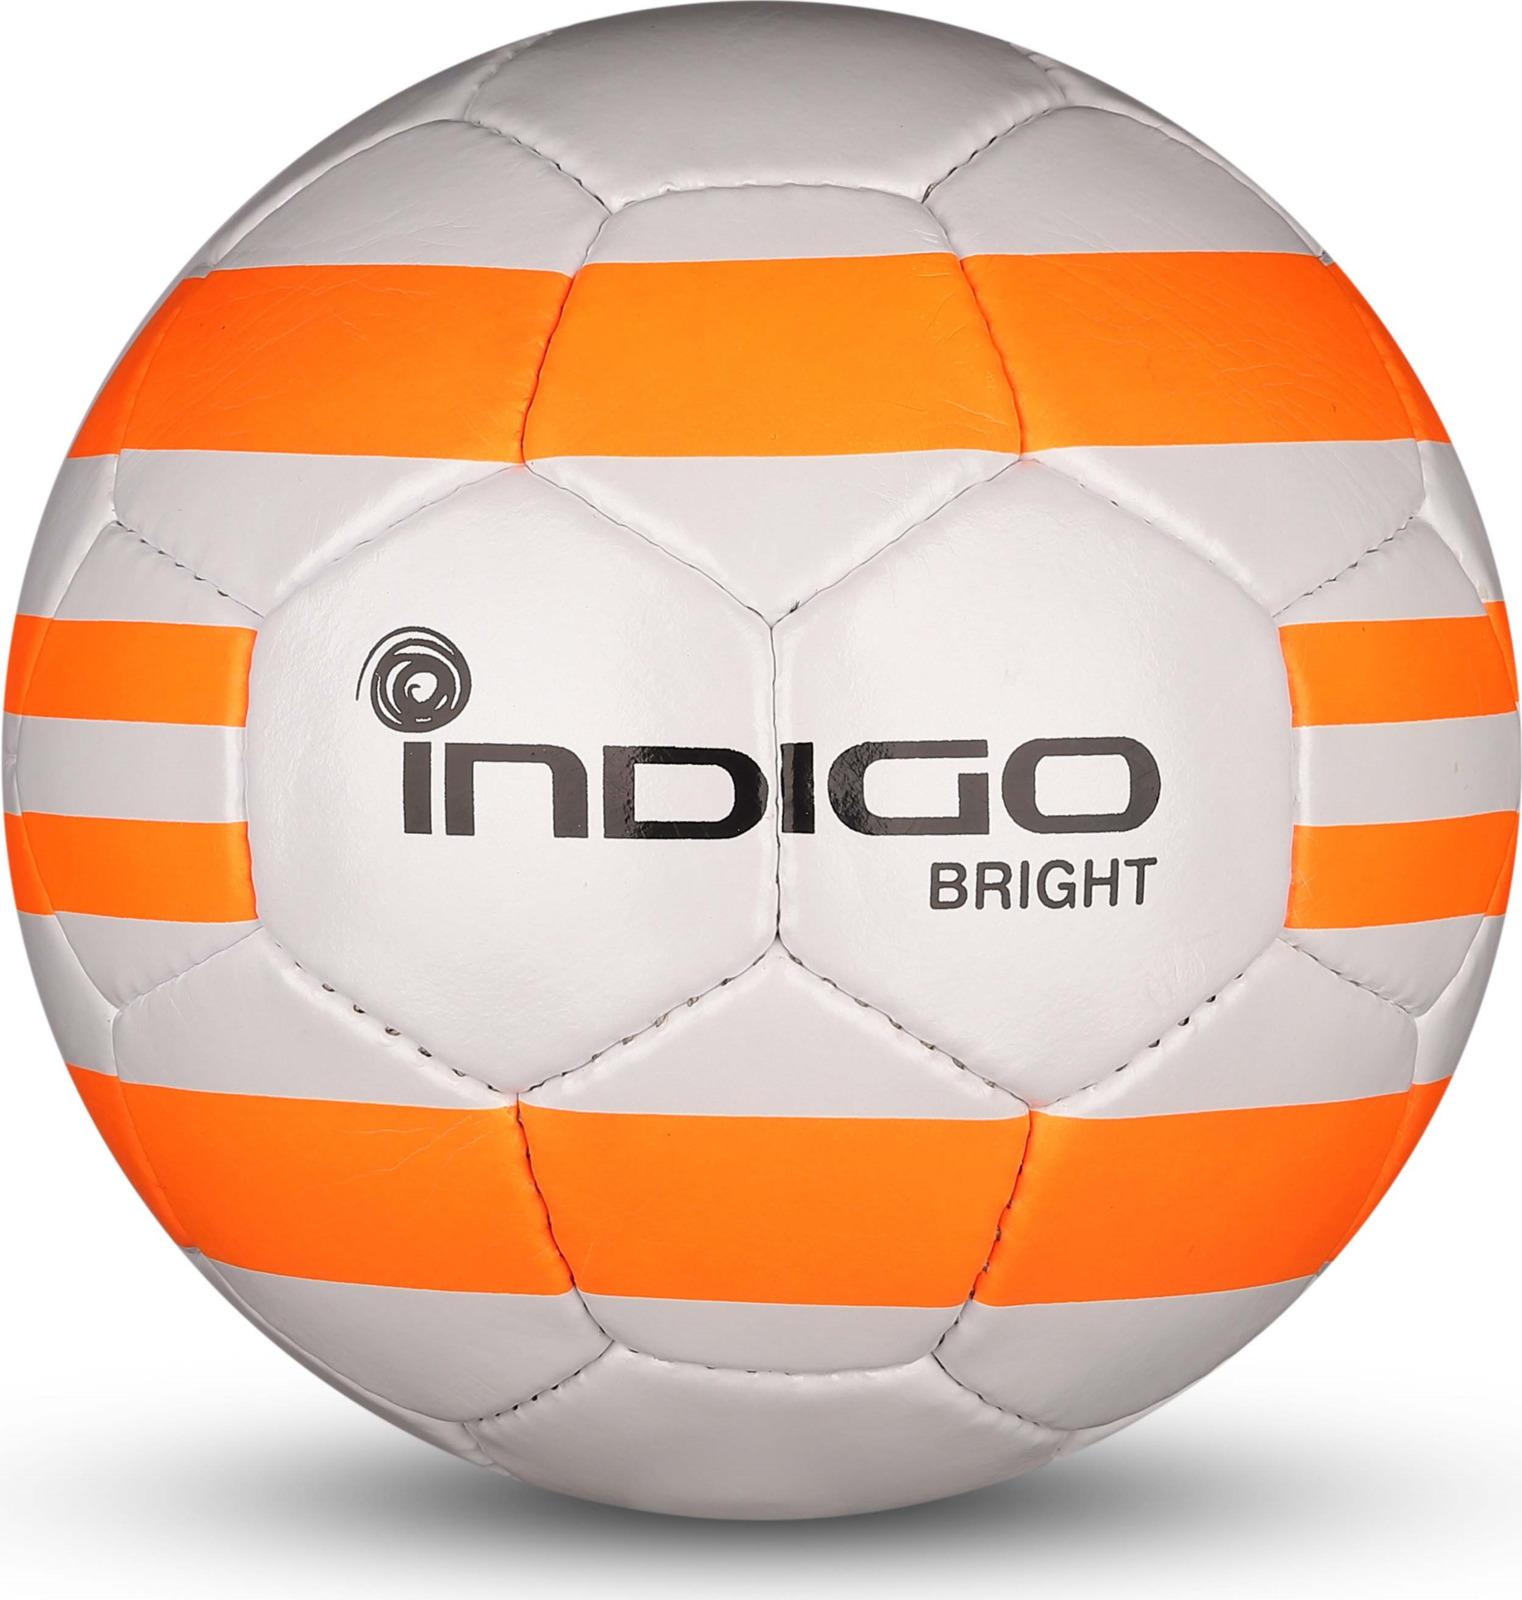 Мяч футбольный Indigo Bright, IN024, белый, оранжевый, размер 5 мяч футбольный indigo rain in031 белый синий желтый размер 3